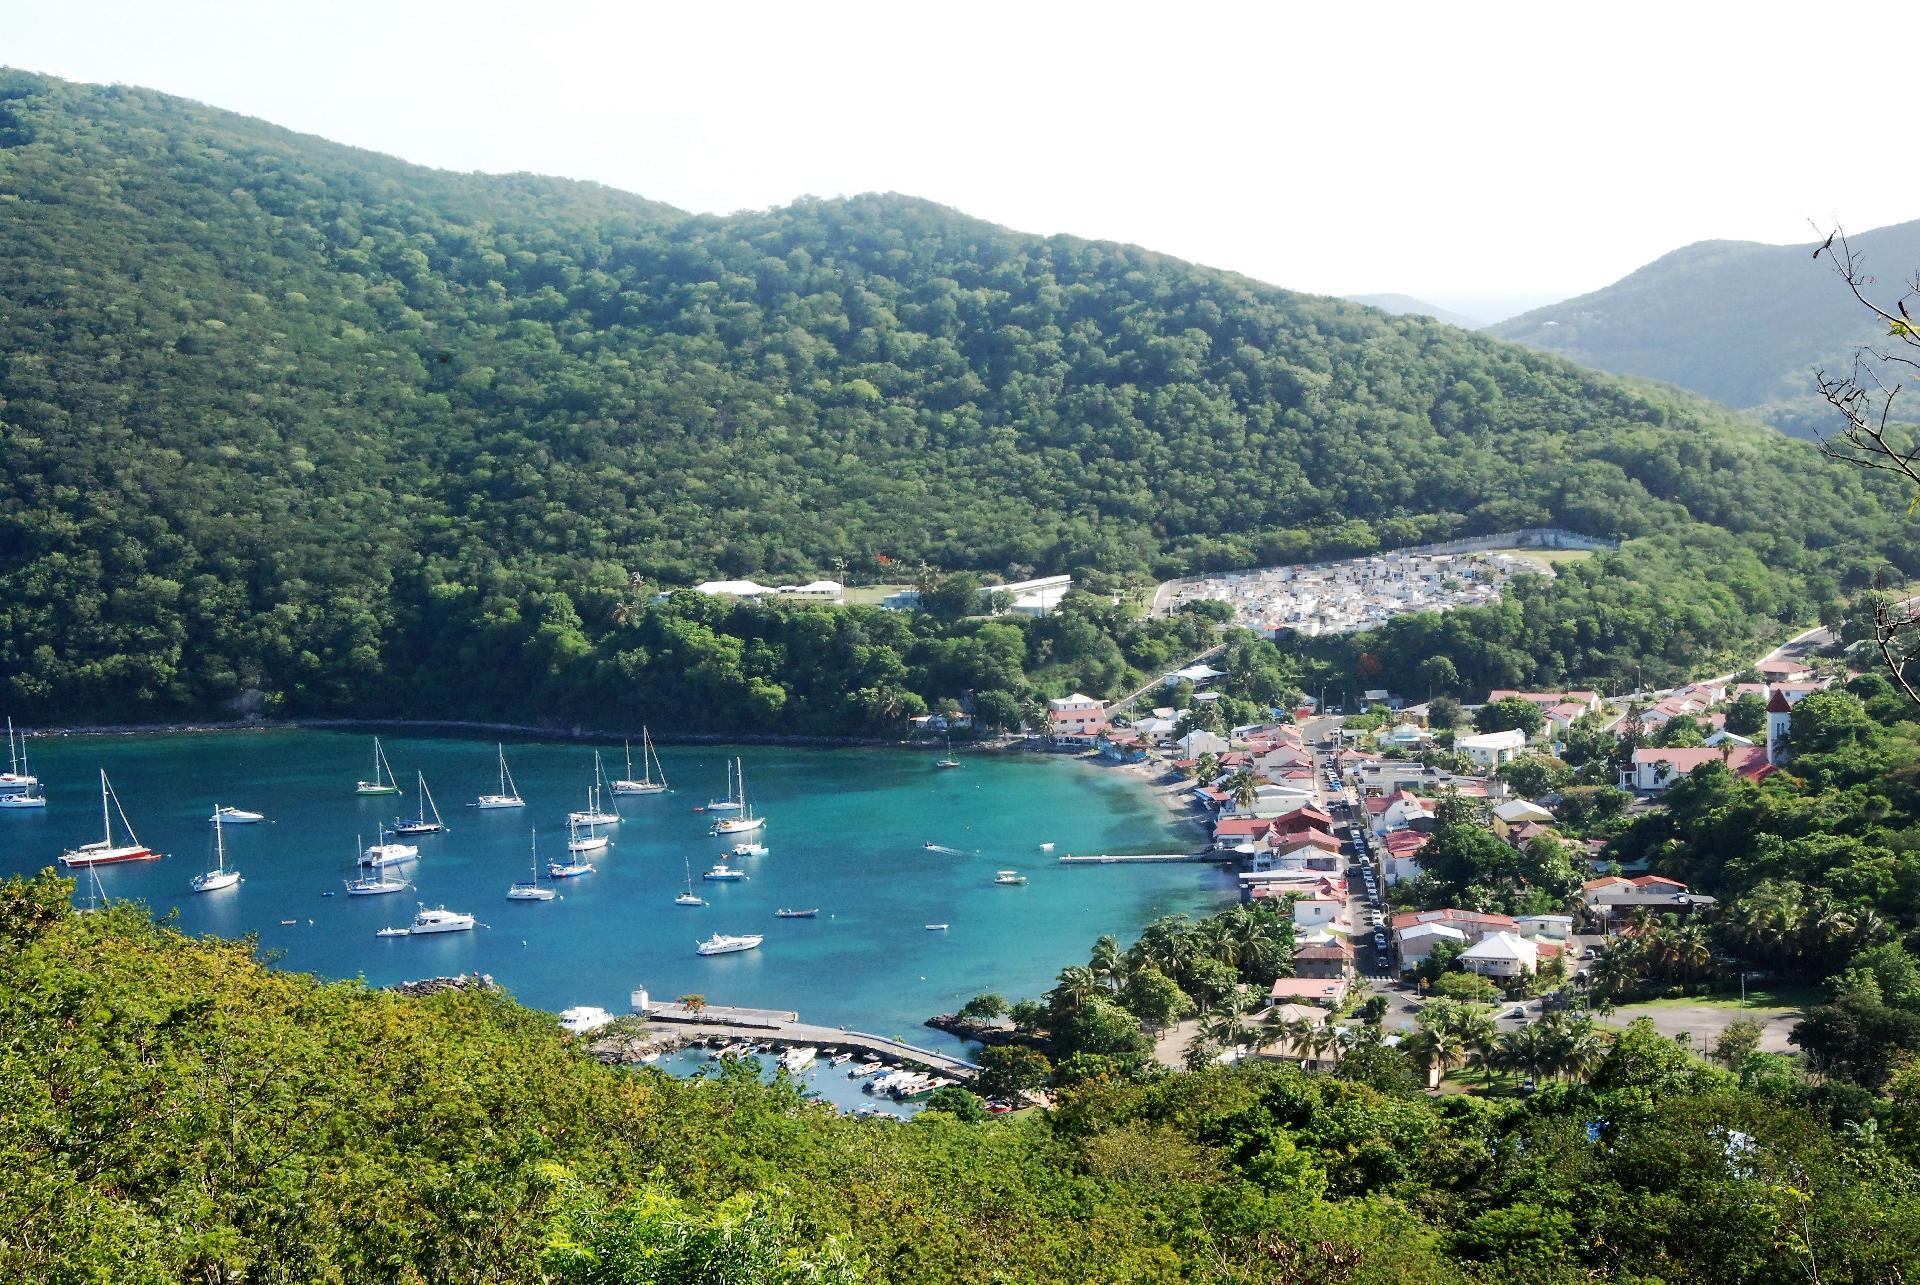 Ferienwohnung für 2 Personen  + 2 Kinder ca.   in Guadeloupe